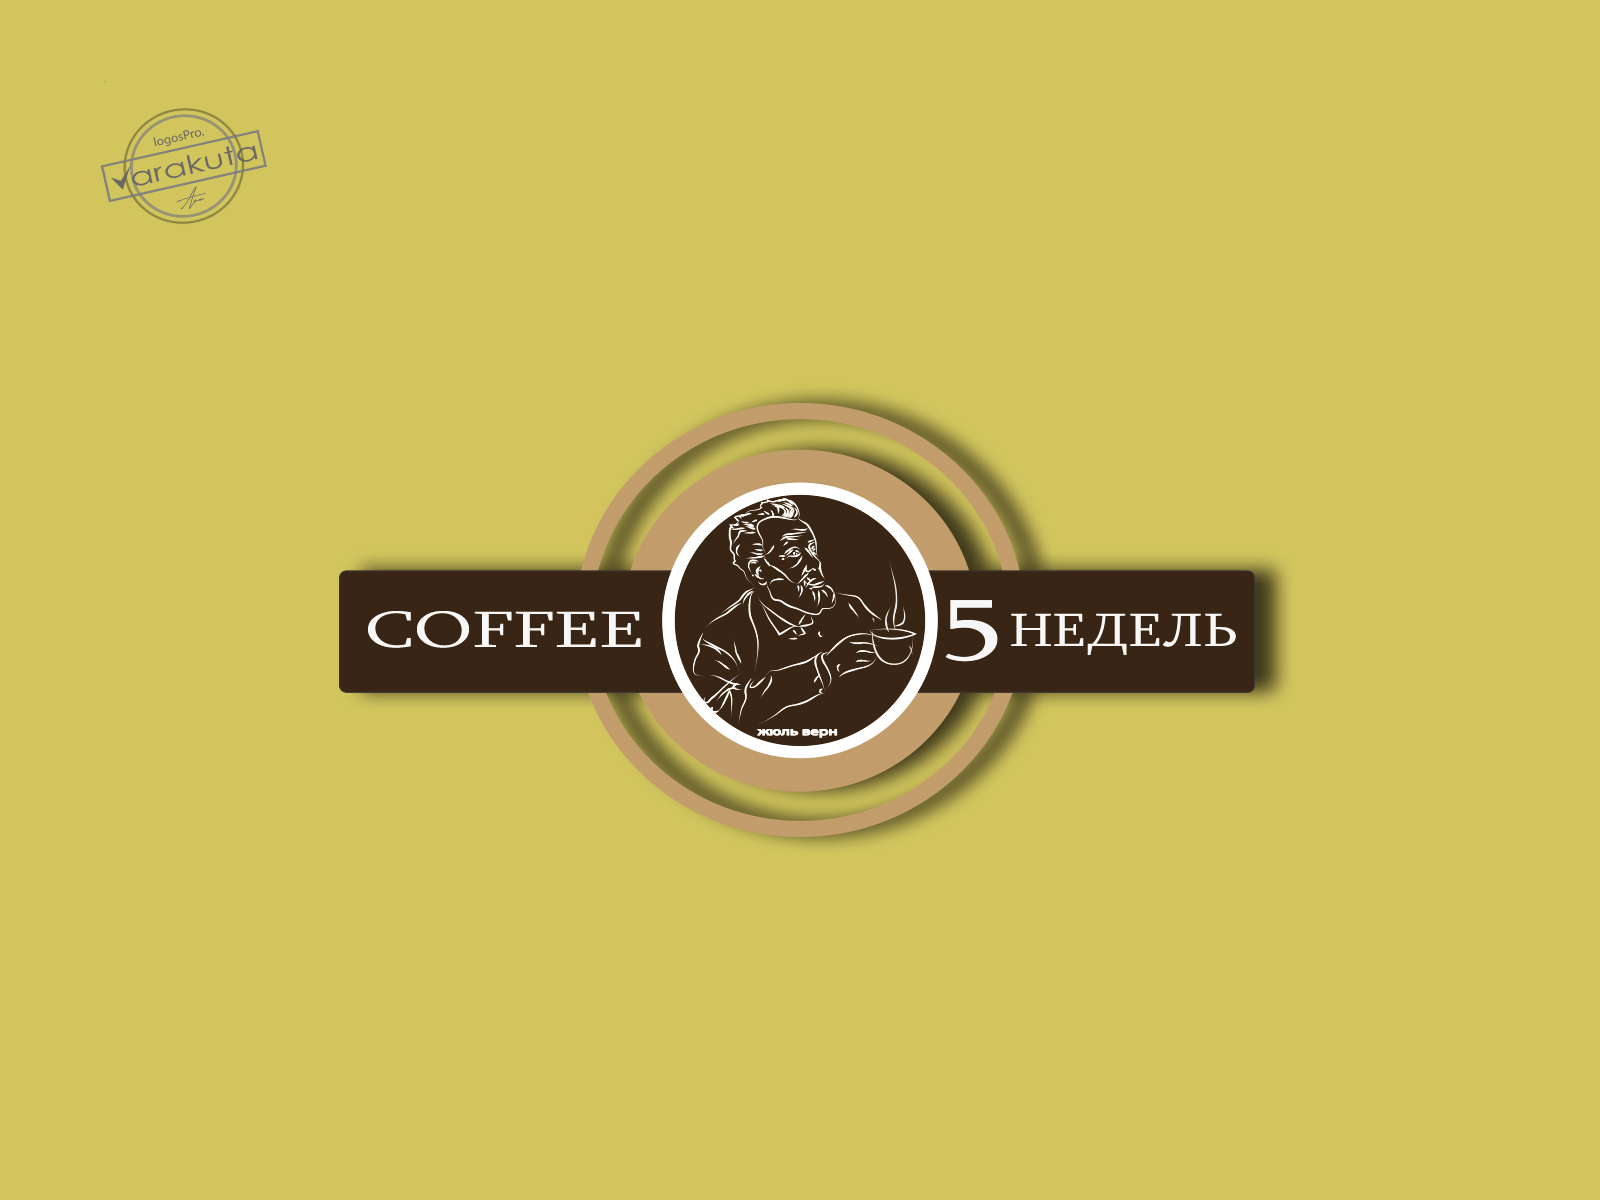 Логотип для кафе фото f_73459b59c78df586.jpg